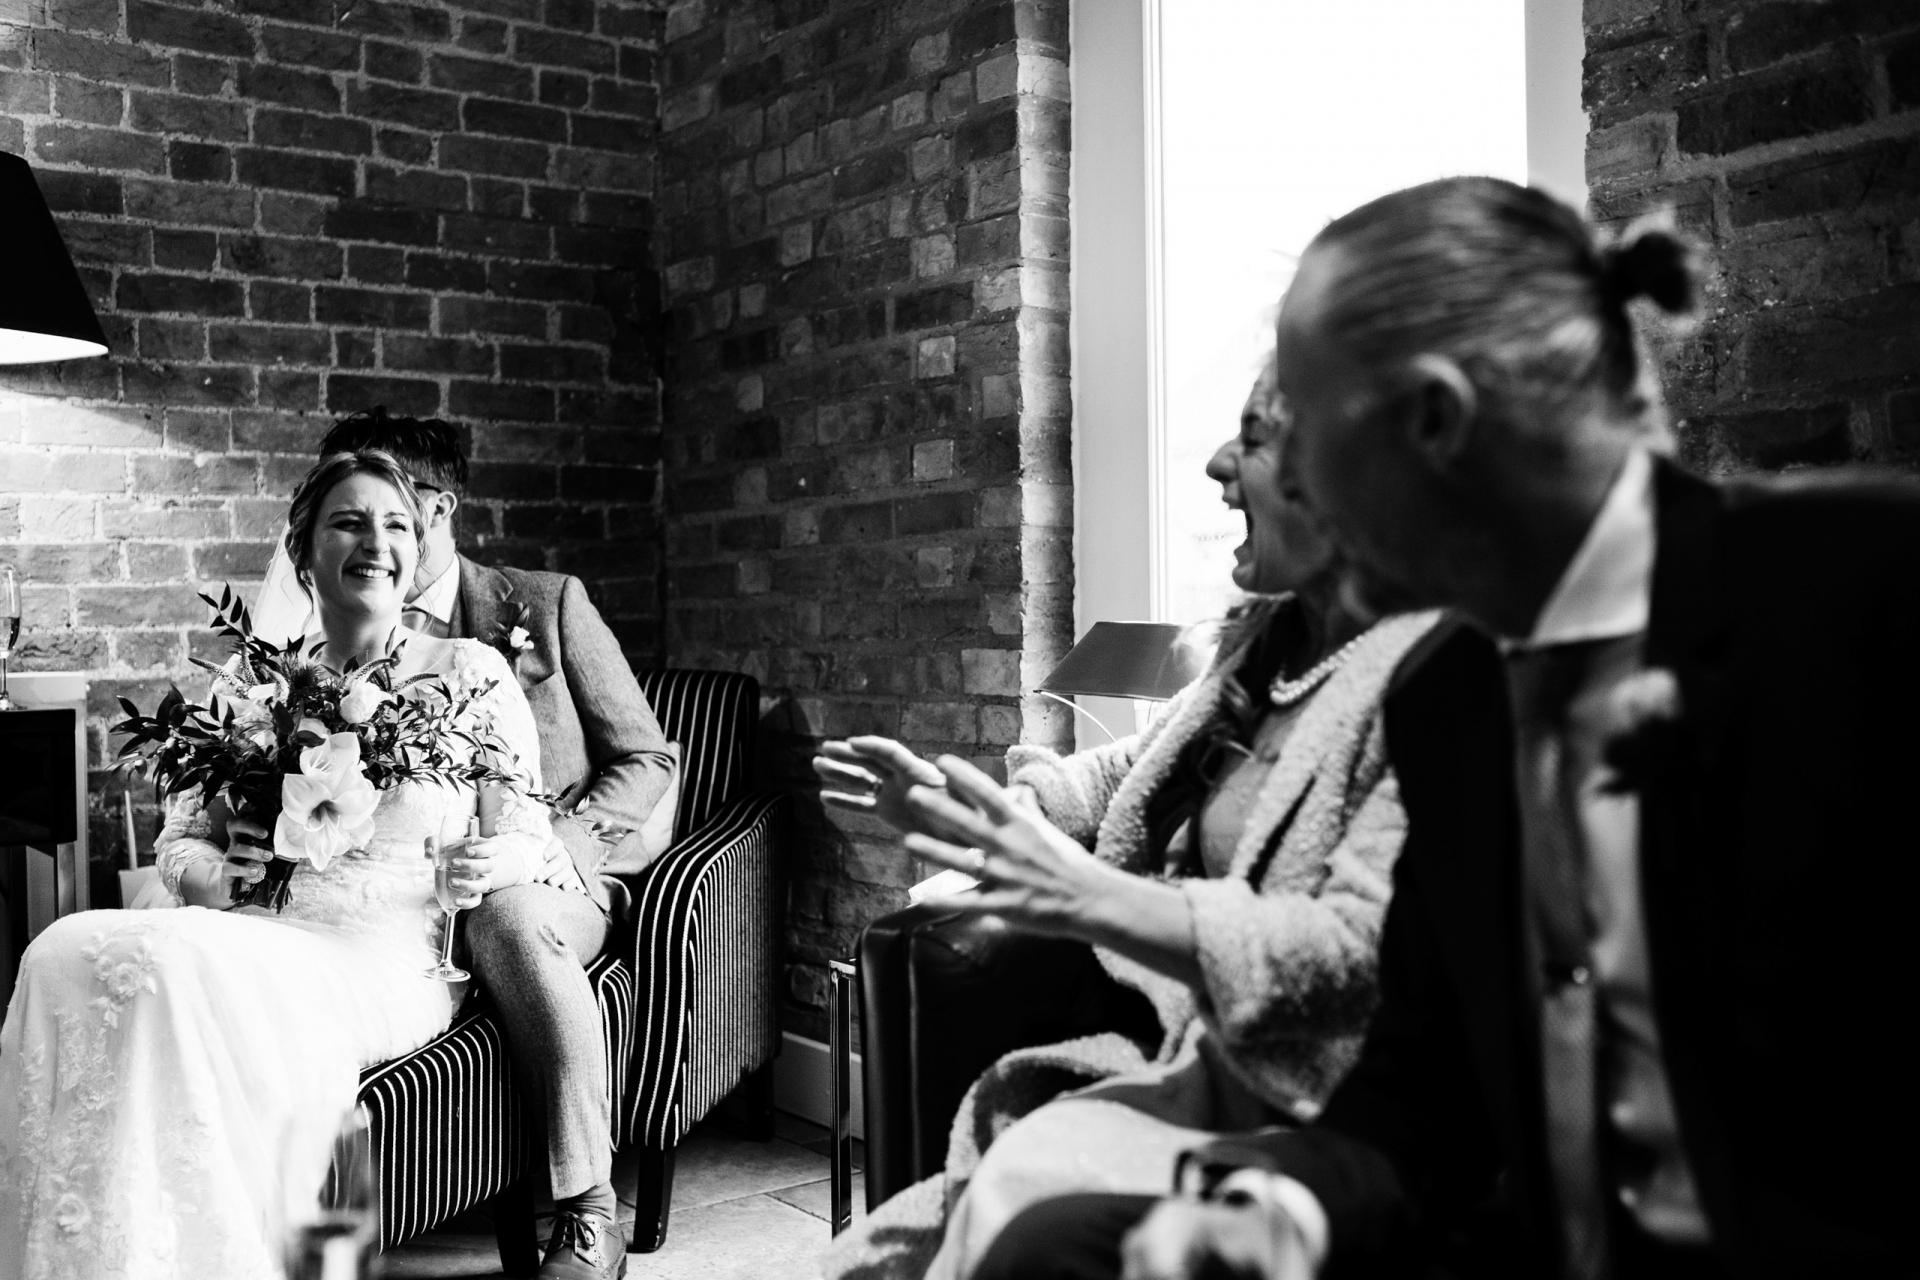 Imagen de boda del Reino Unido - Bassmead Manor Barns, Cambridgeshire | La novia y el novio, sentados juntos en una silla,